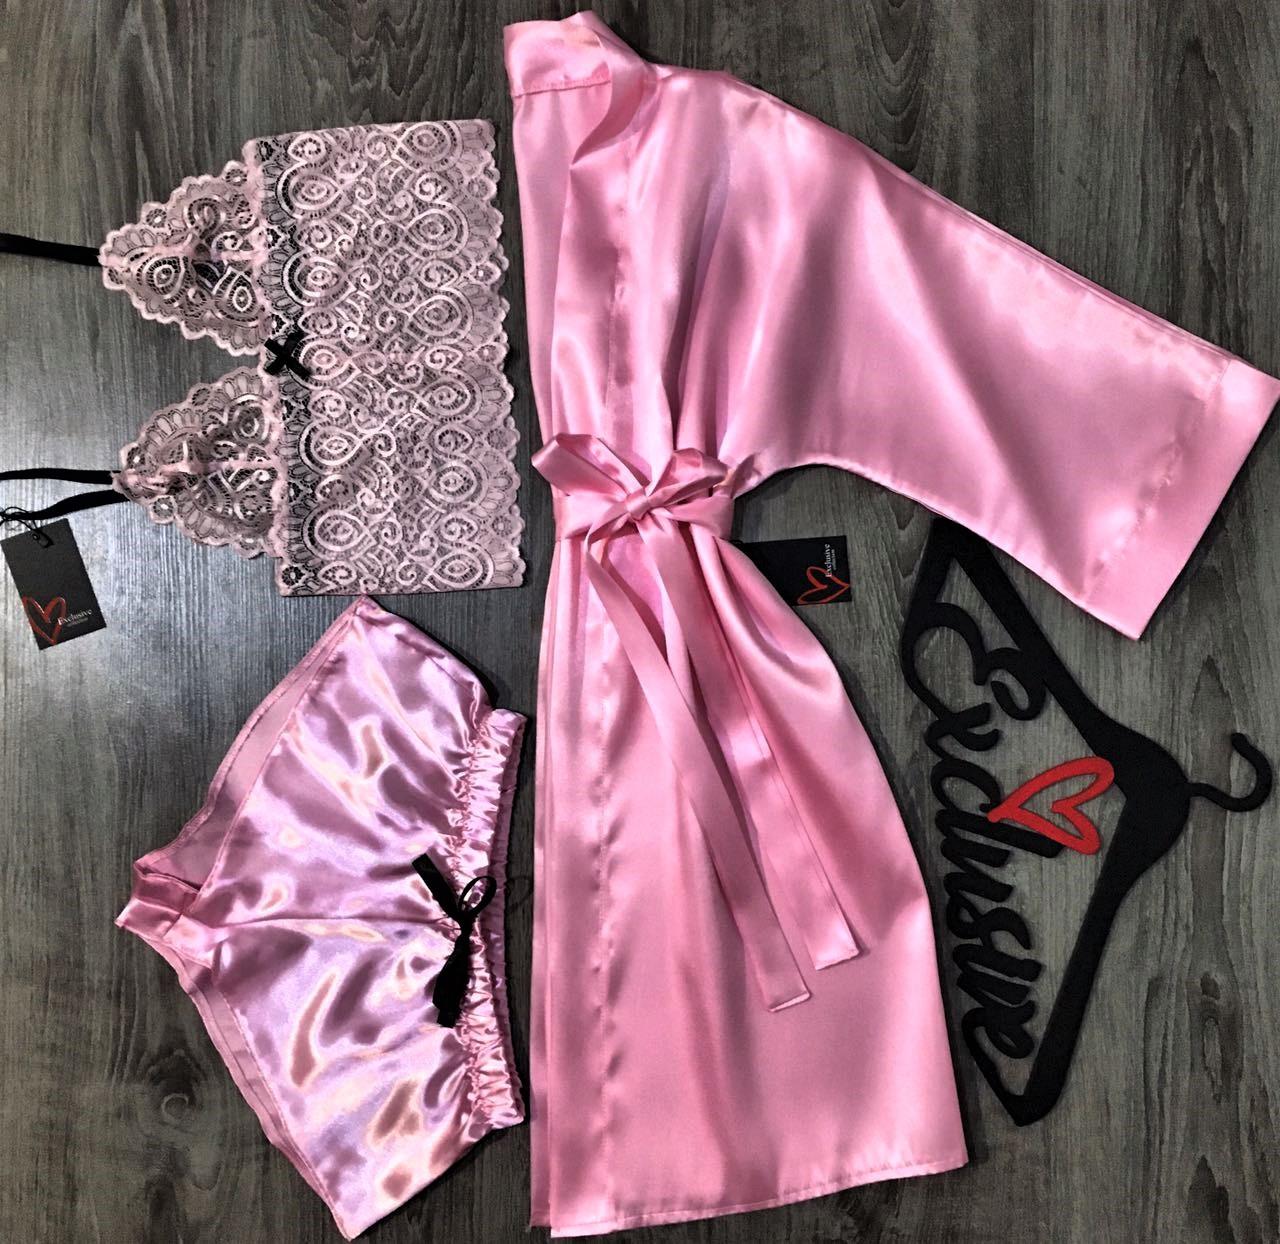 Розовый халат+кружевной топ+шорты-комплект домашней одежды.